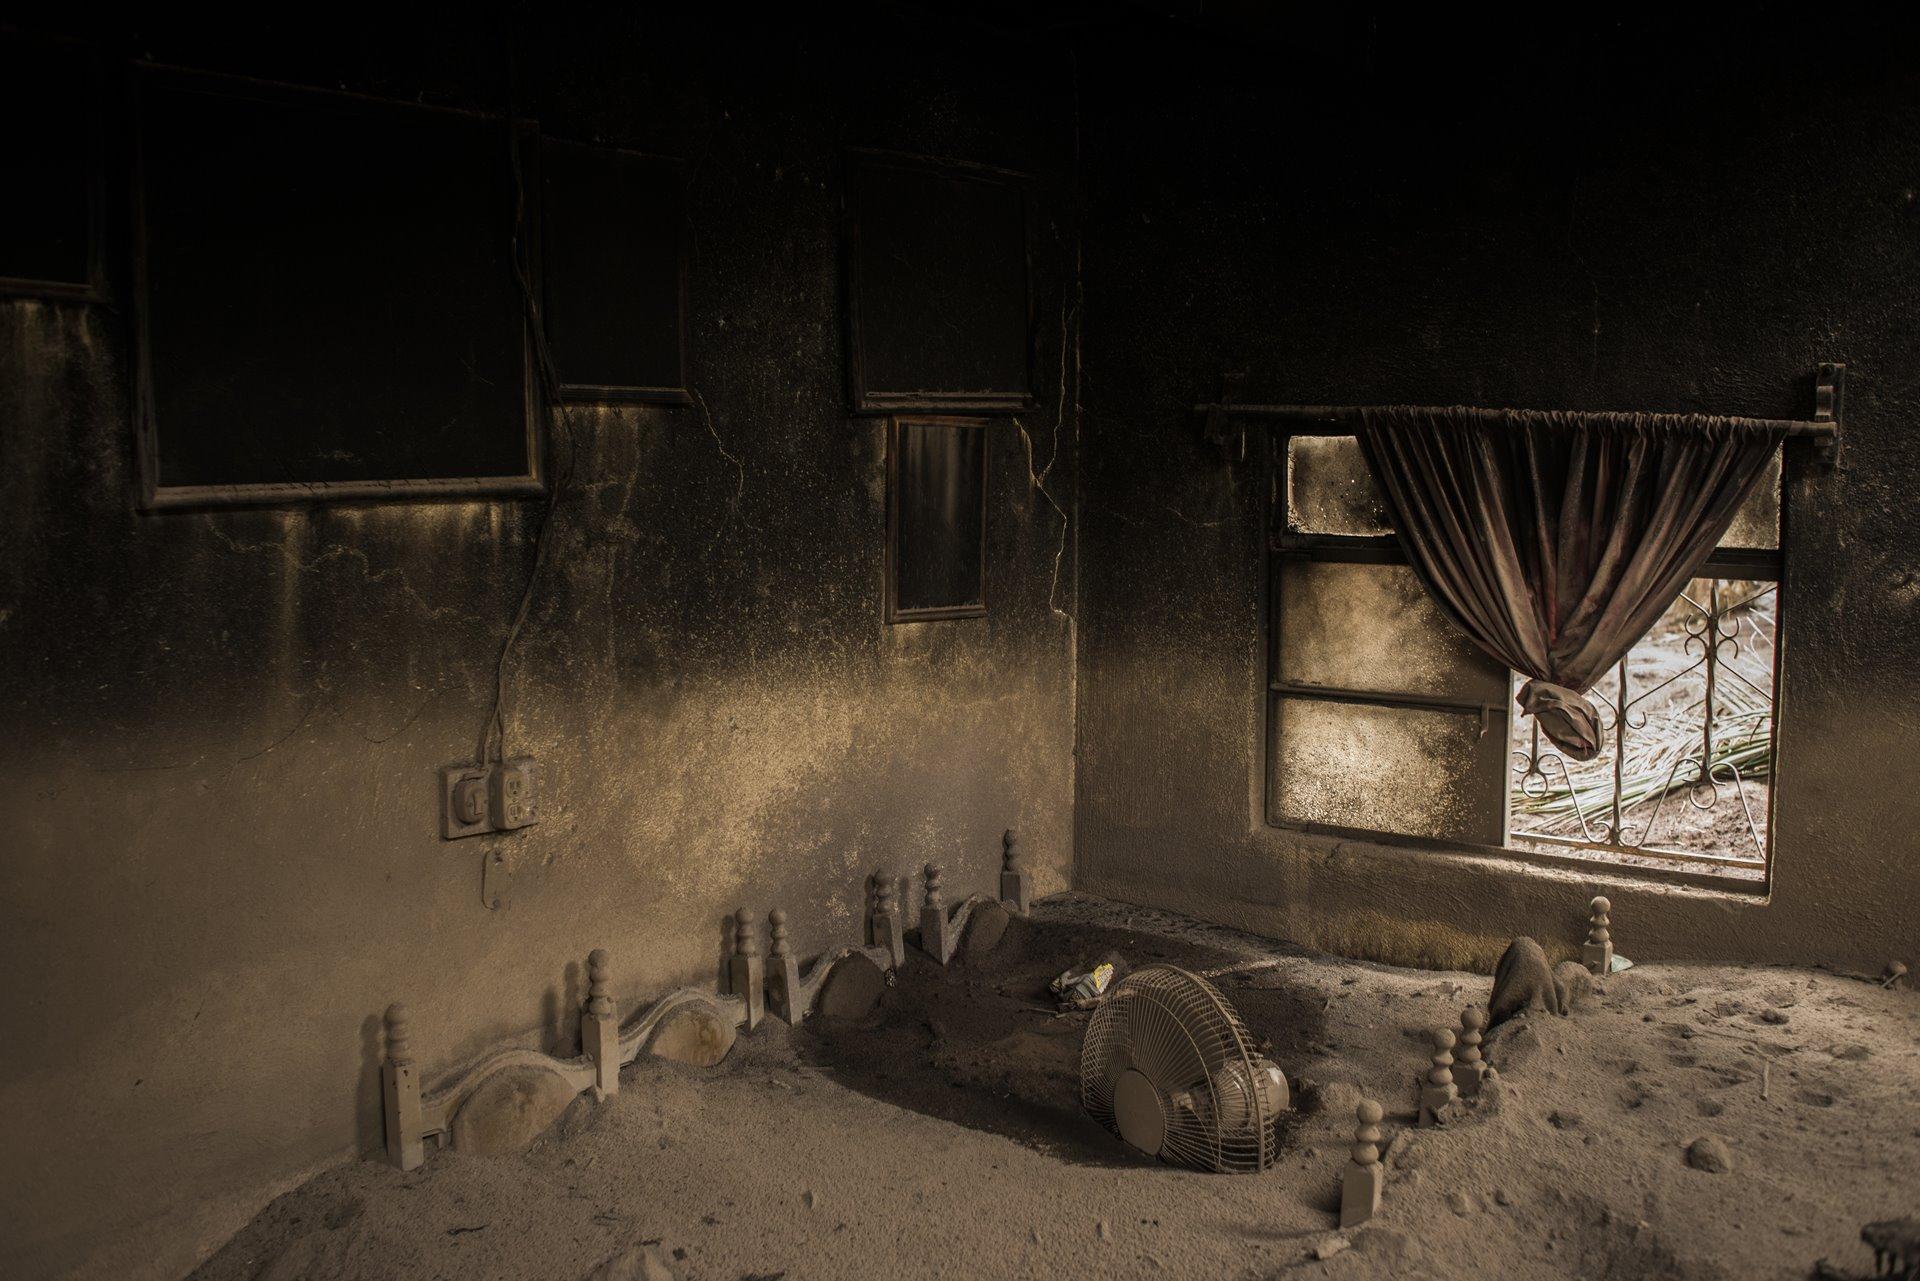 La sala de estar de una casa abandonada en San Miguel Los Lotes, Guatemala, se encuentra cubierta de ceniza después de la erupción del Volcán de Fuego el 3 de junio de 2018 / Foto: Daniele Volpe